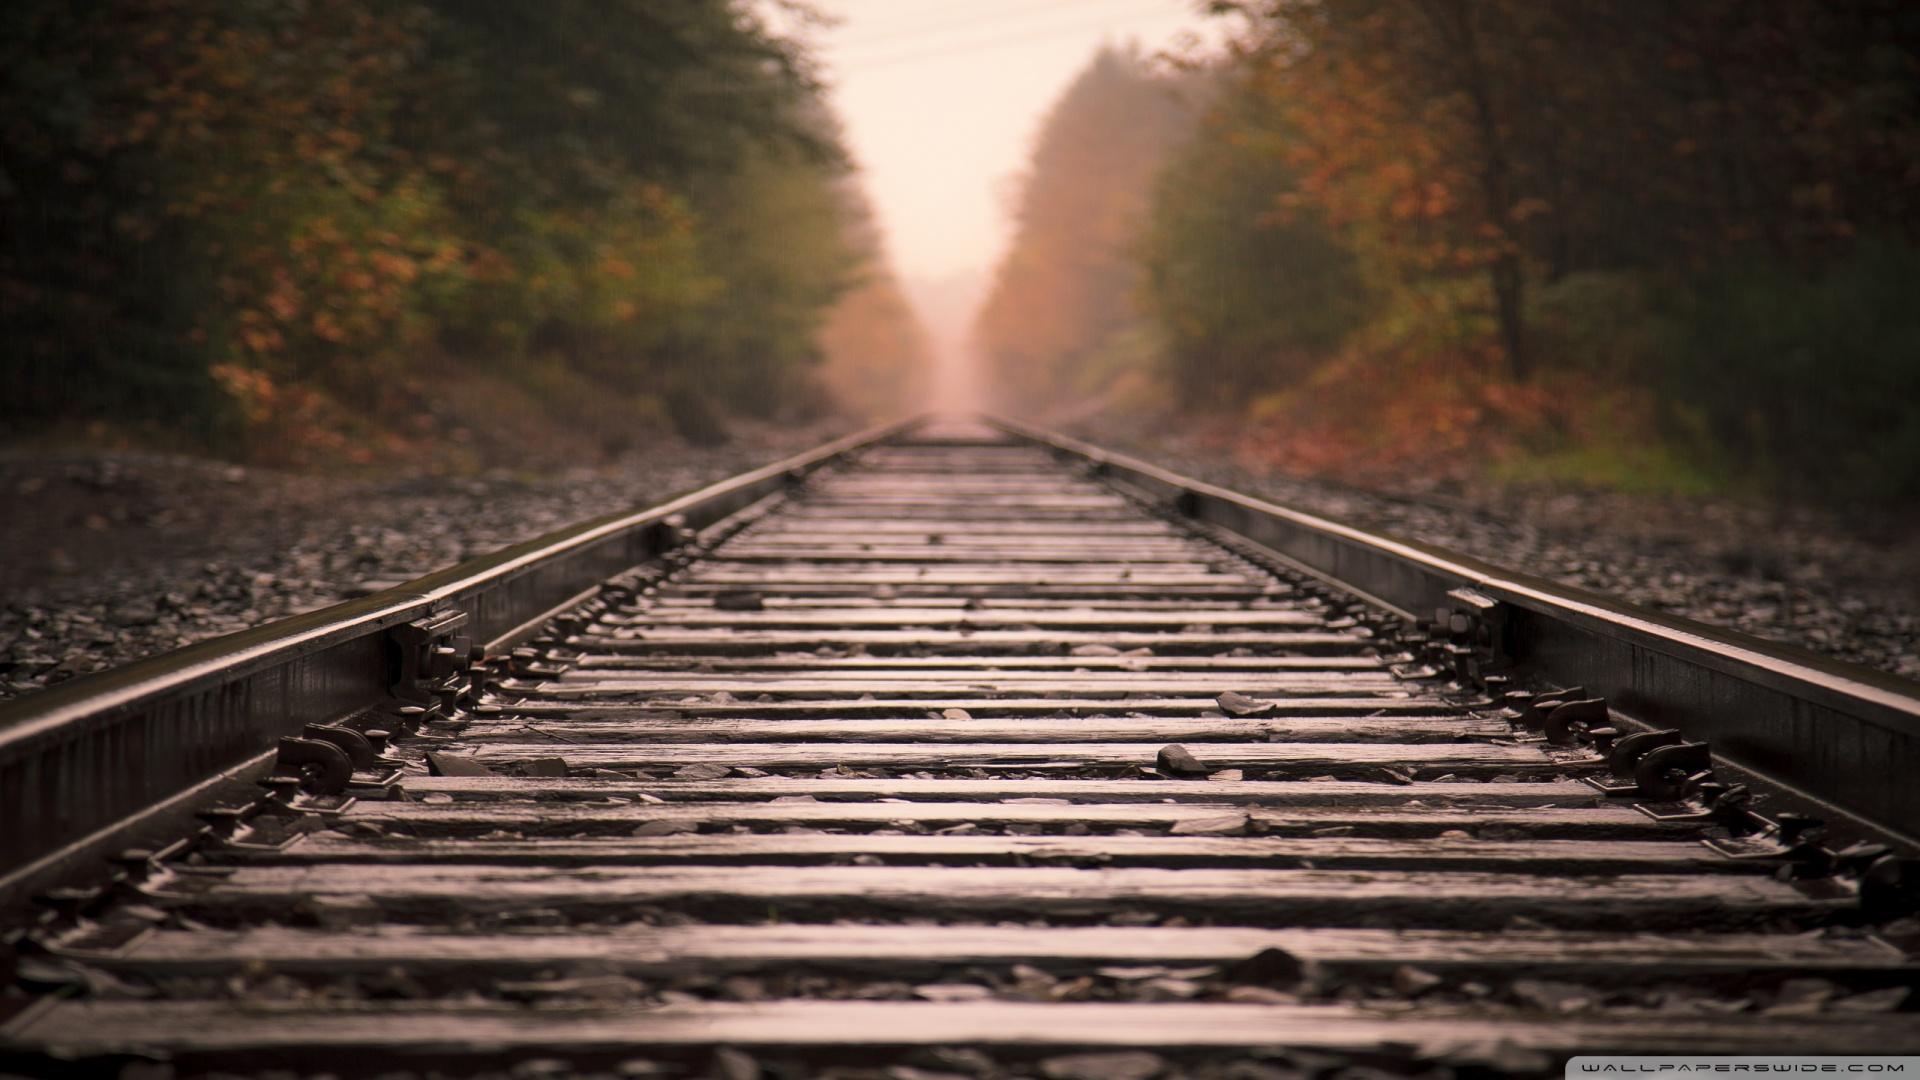 Railroad Wallpaper Hd Railroad tracks wallpaper 1920x1080